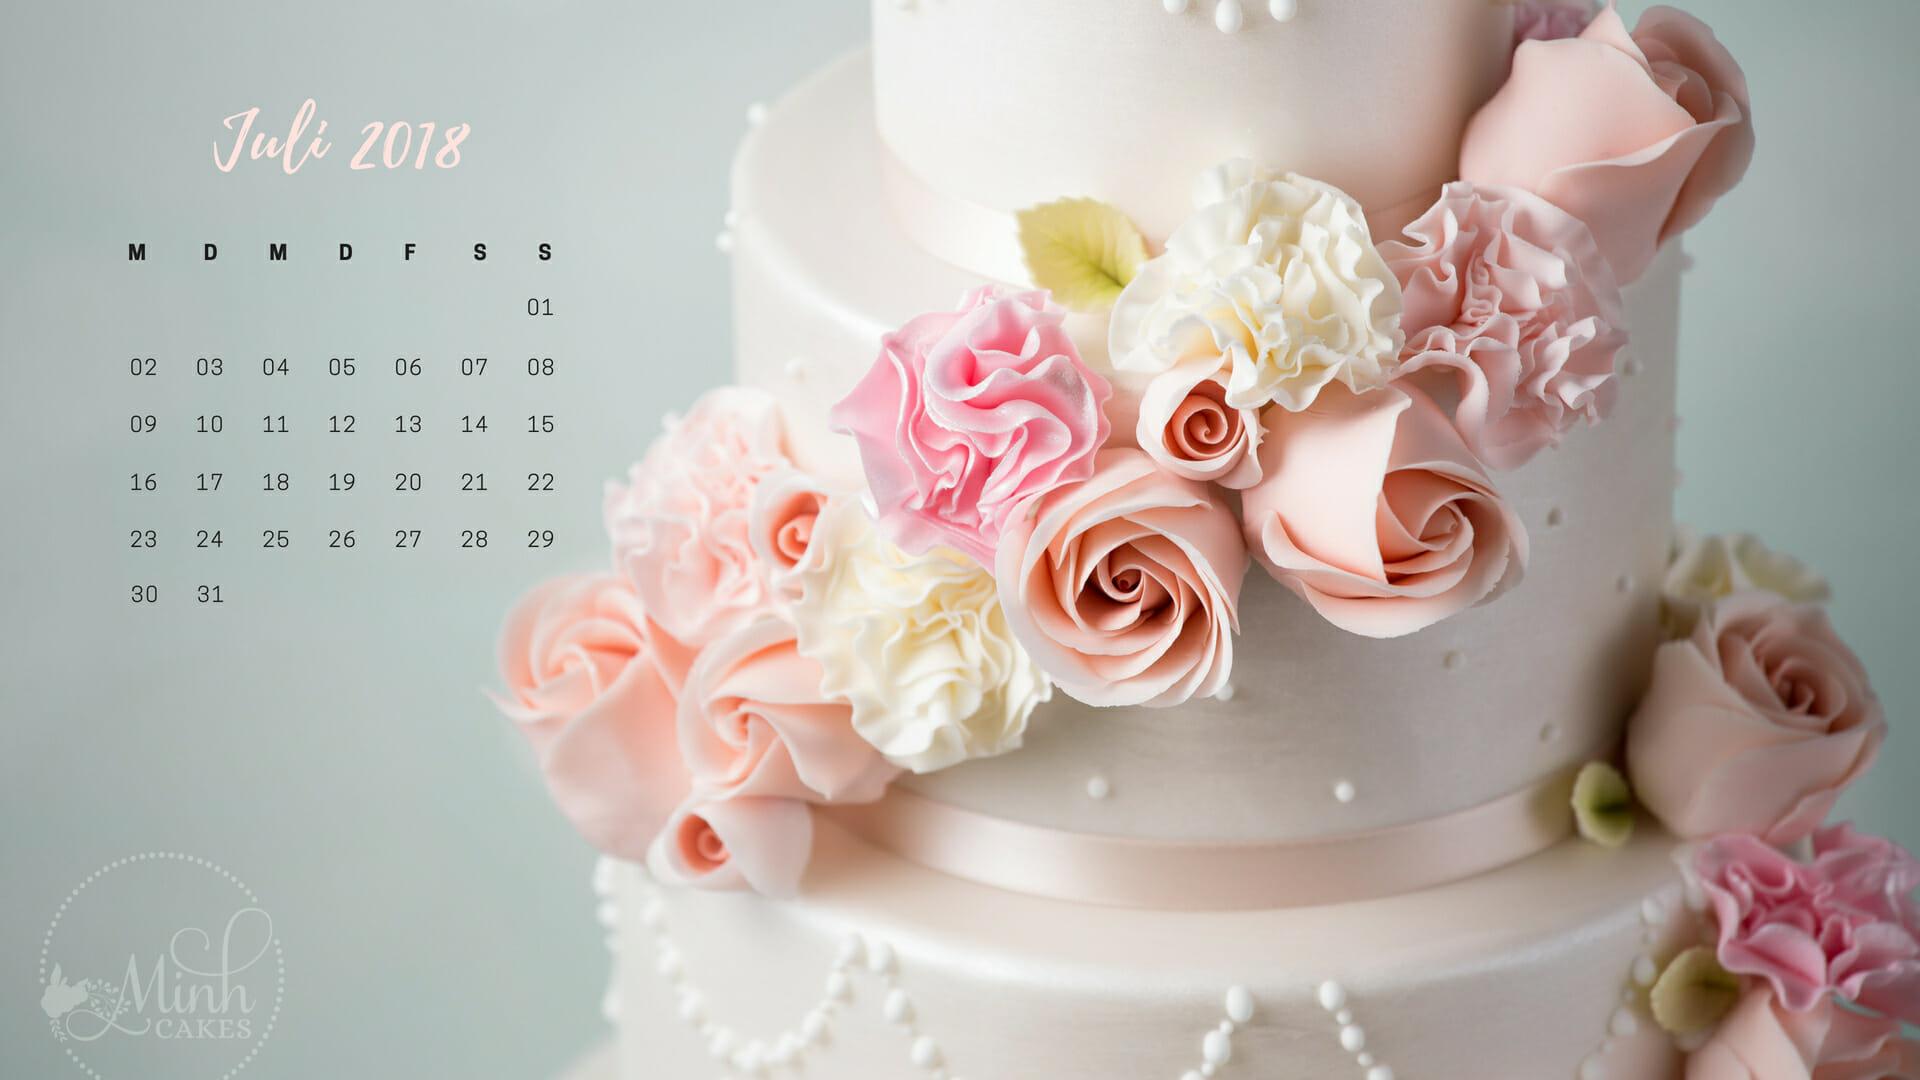 Geschenk: Bildschirmkalender für Juli 2018